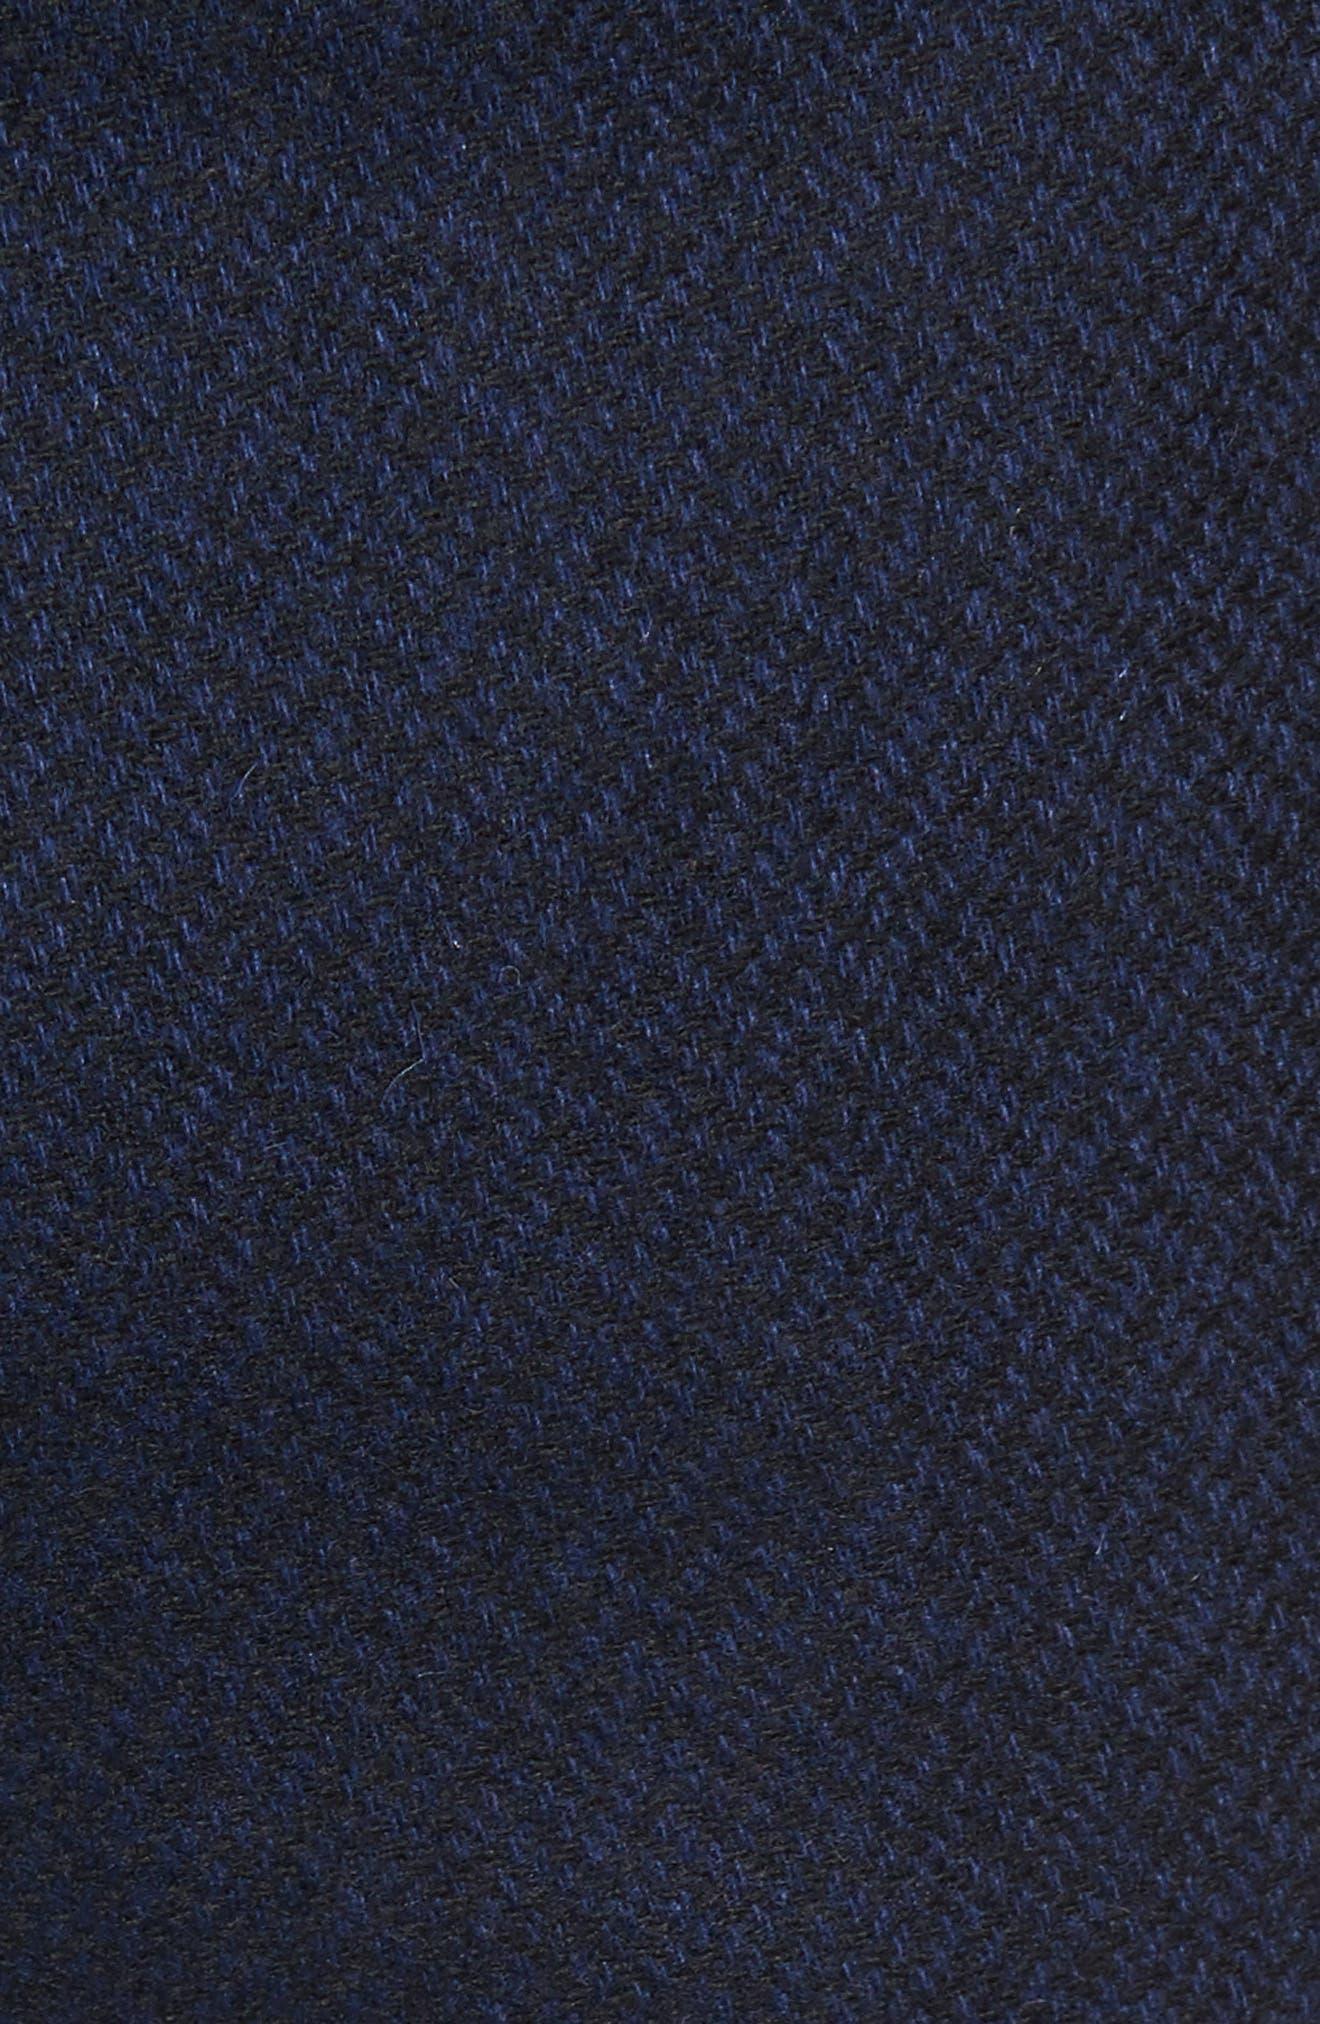 Glentro Semi Plain Wool Blend Trousers,                             Alternate thumbnail 5, color,                             410